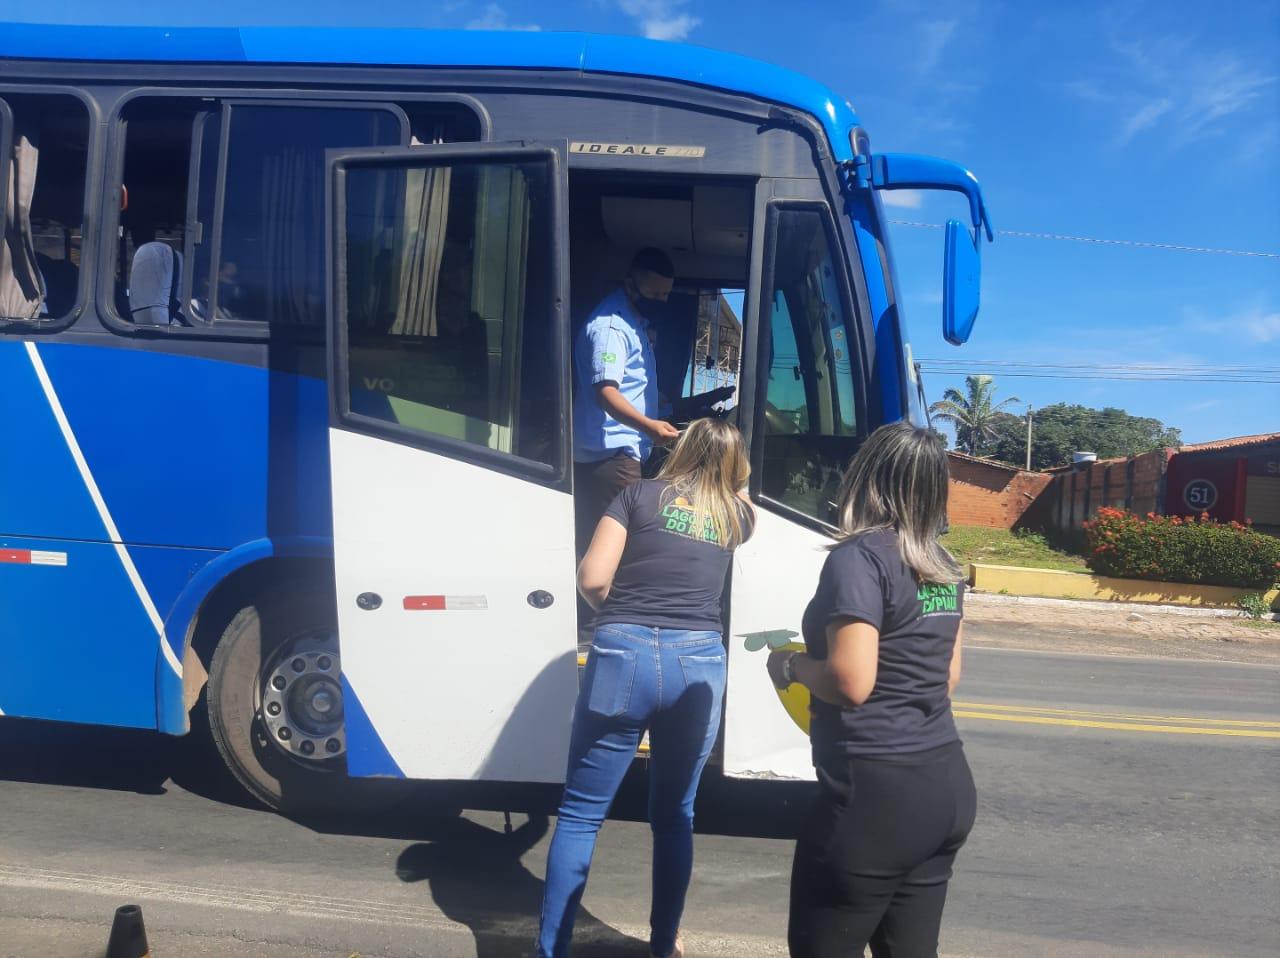 Prefeitura de Lagoinha CRAS e Conselho Tutelar realizaram Blitz Educativa - Imagem 1